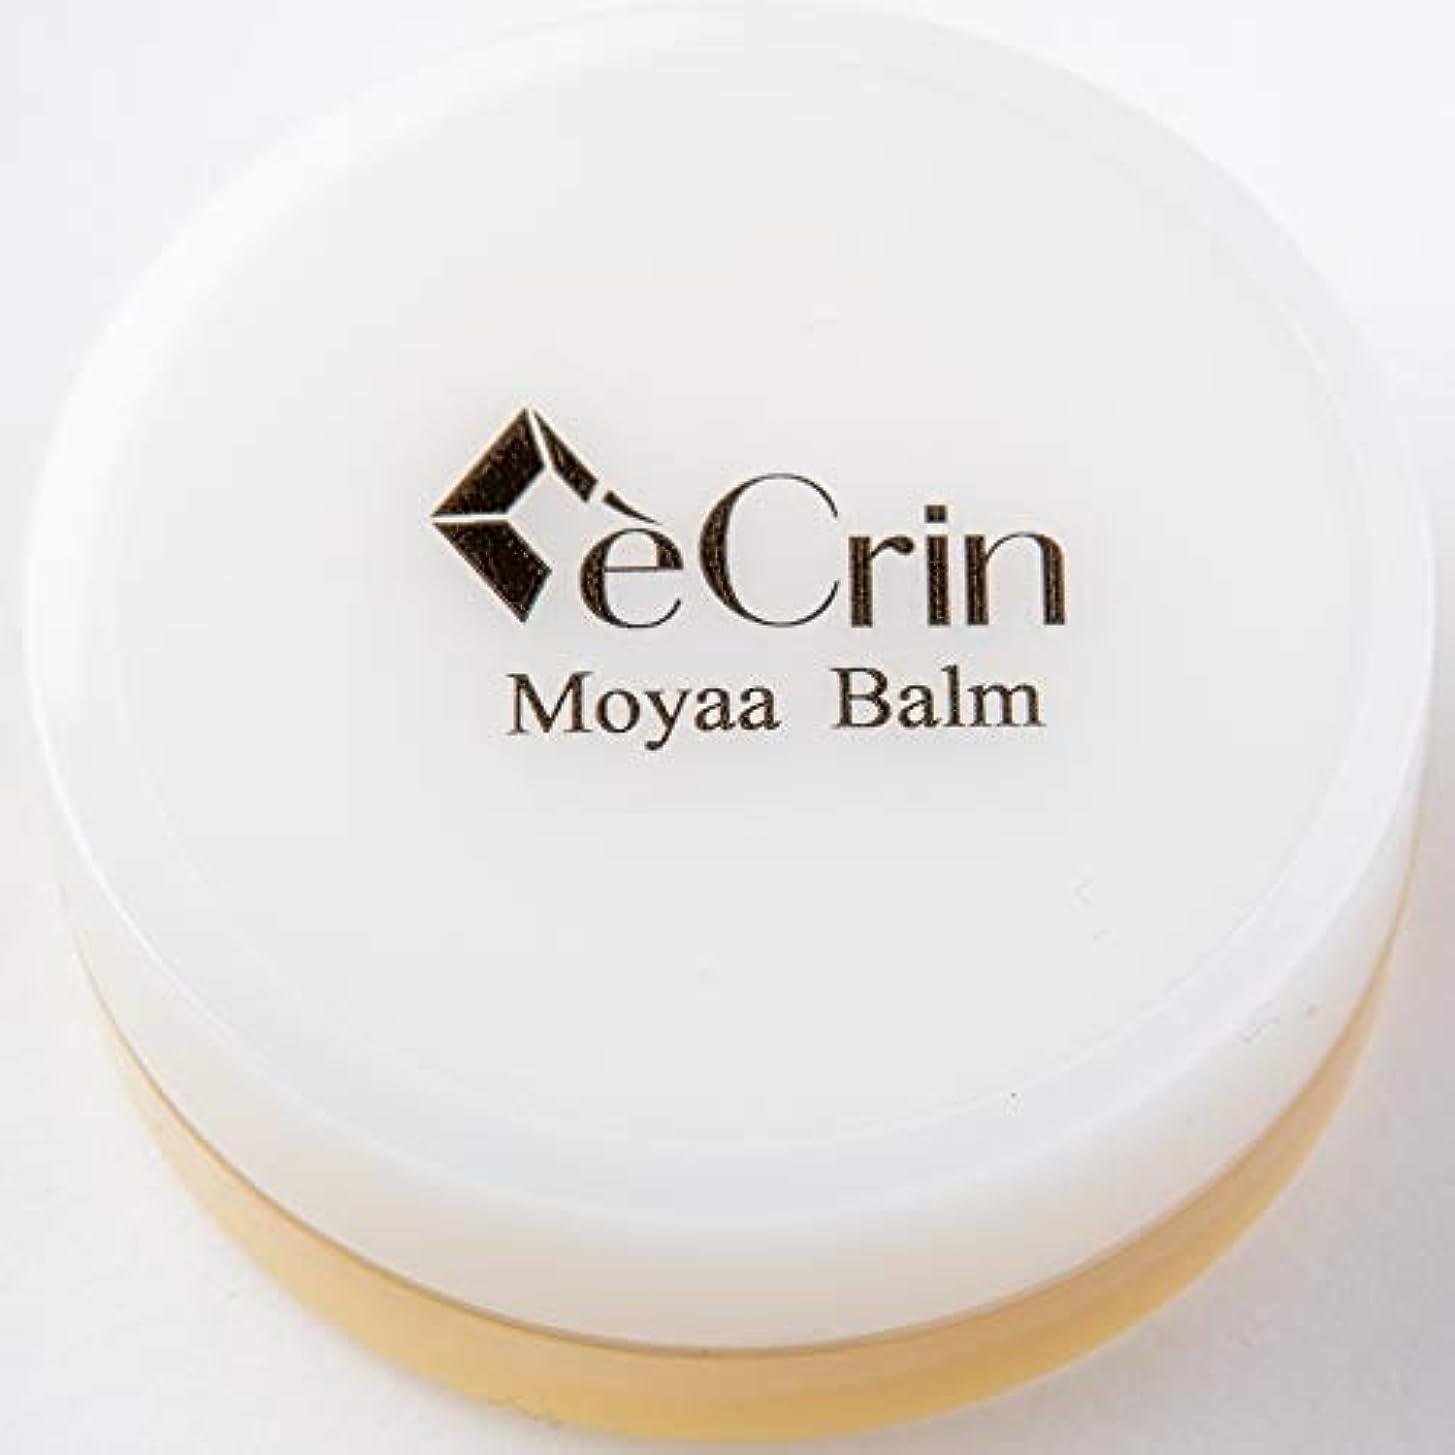 楽観的急性熱望するMoyaa Balm (モーヤバーム)天然成分のみで仕上げたシアバター white 無添加 天然成分100%